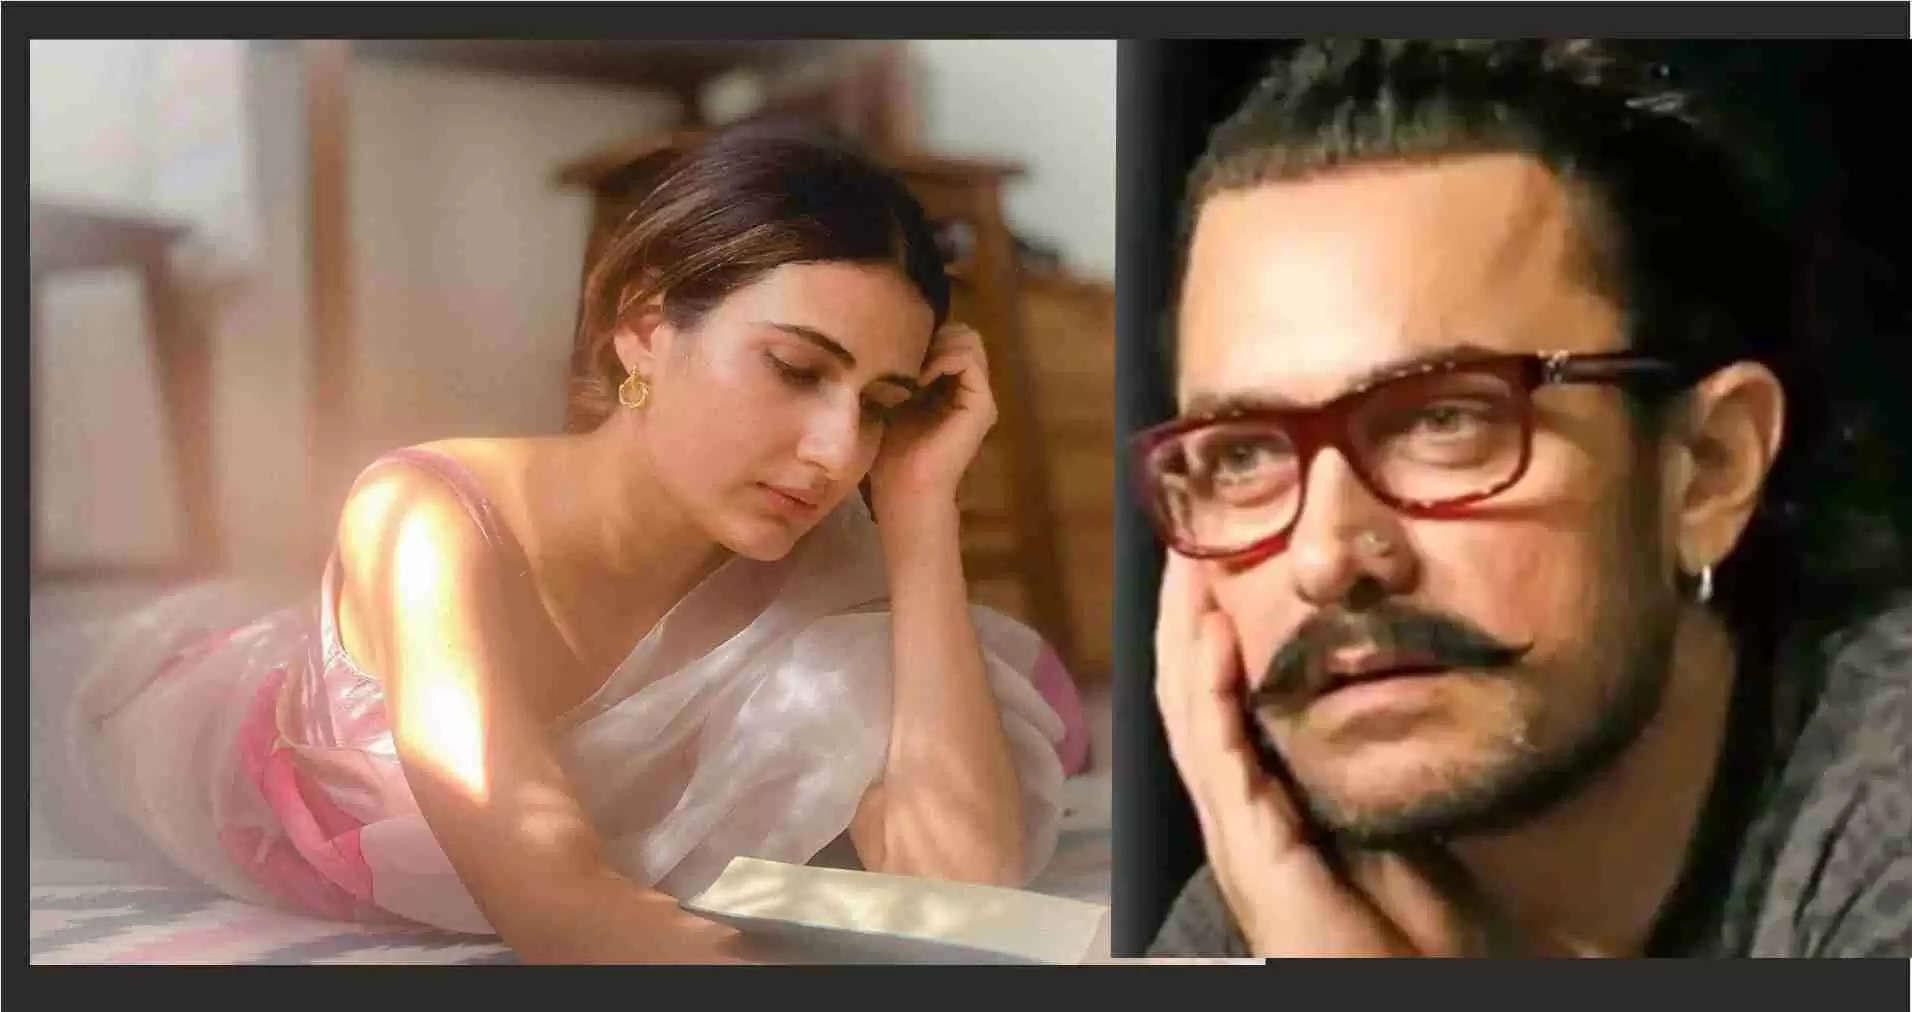 आमिर खान अब जल्द ही दंगल गर्ल फातिमा शेख से तीसरी शादी करते नजर आयेंगे ?